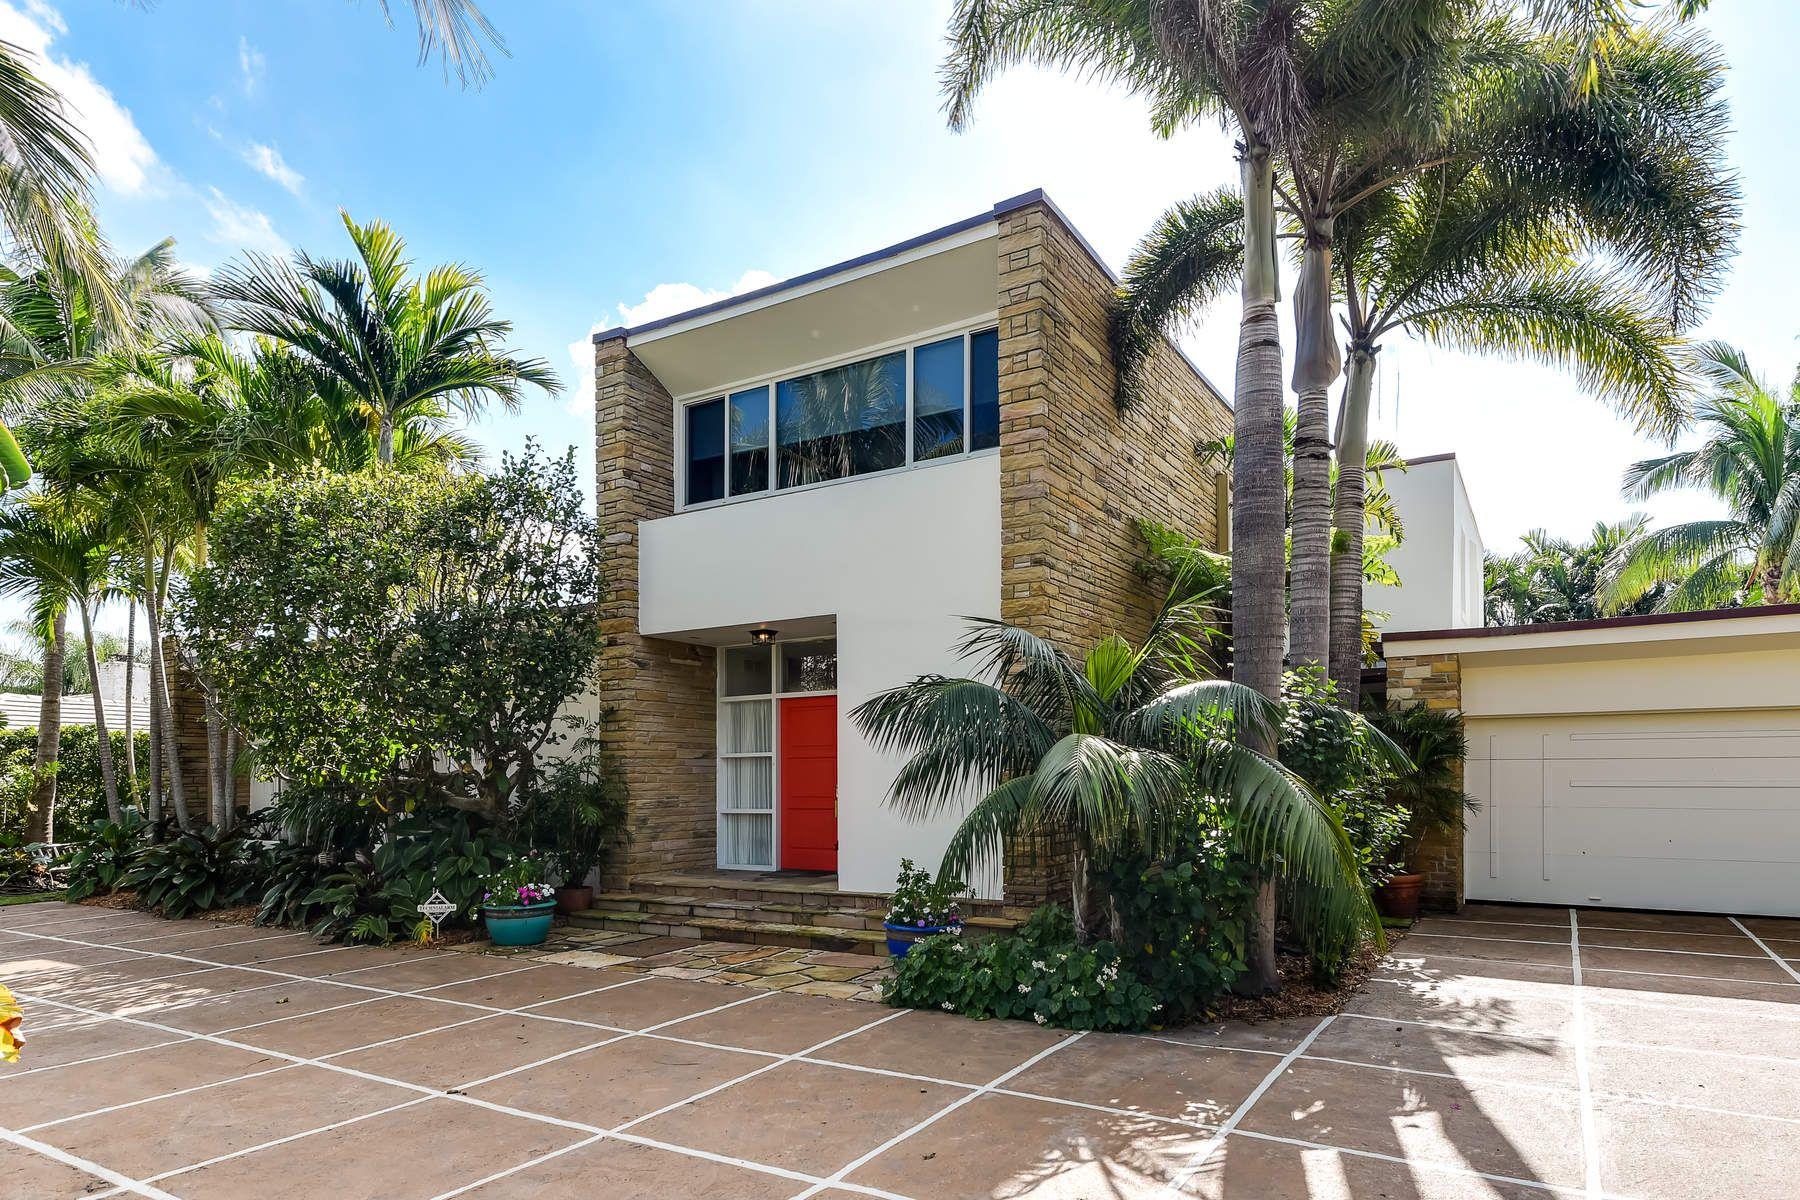 獨棟家庭住宅 為 出售 在 Unique Prairie Style House 244 Nightingale Trl, North End, Palm Beach, 佛羅里達州, 33480 美國